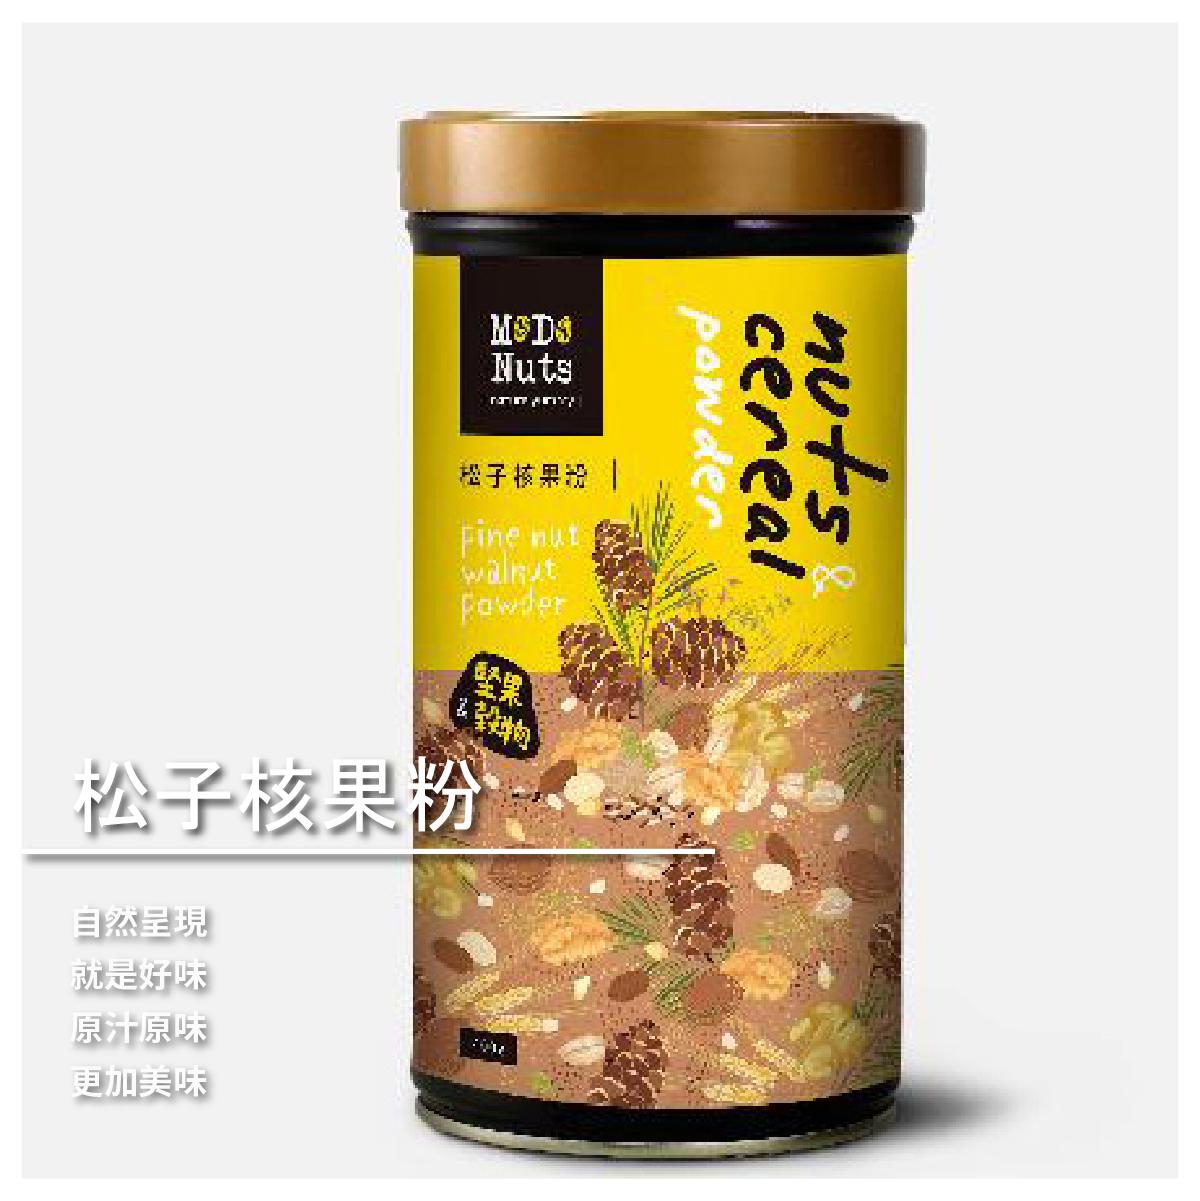 【茗磨坊磨豆】松子核果粉